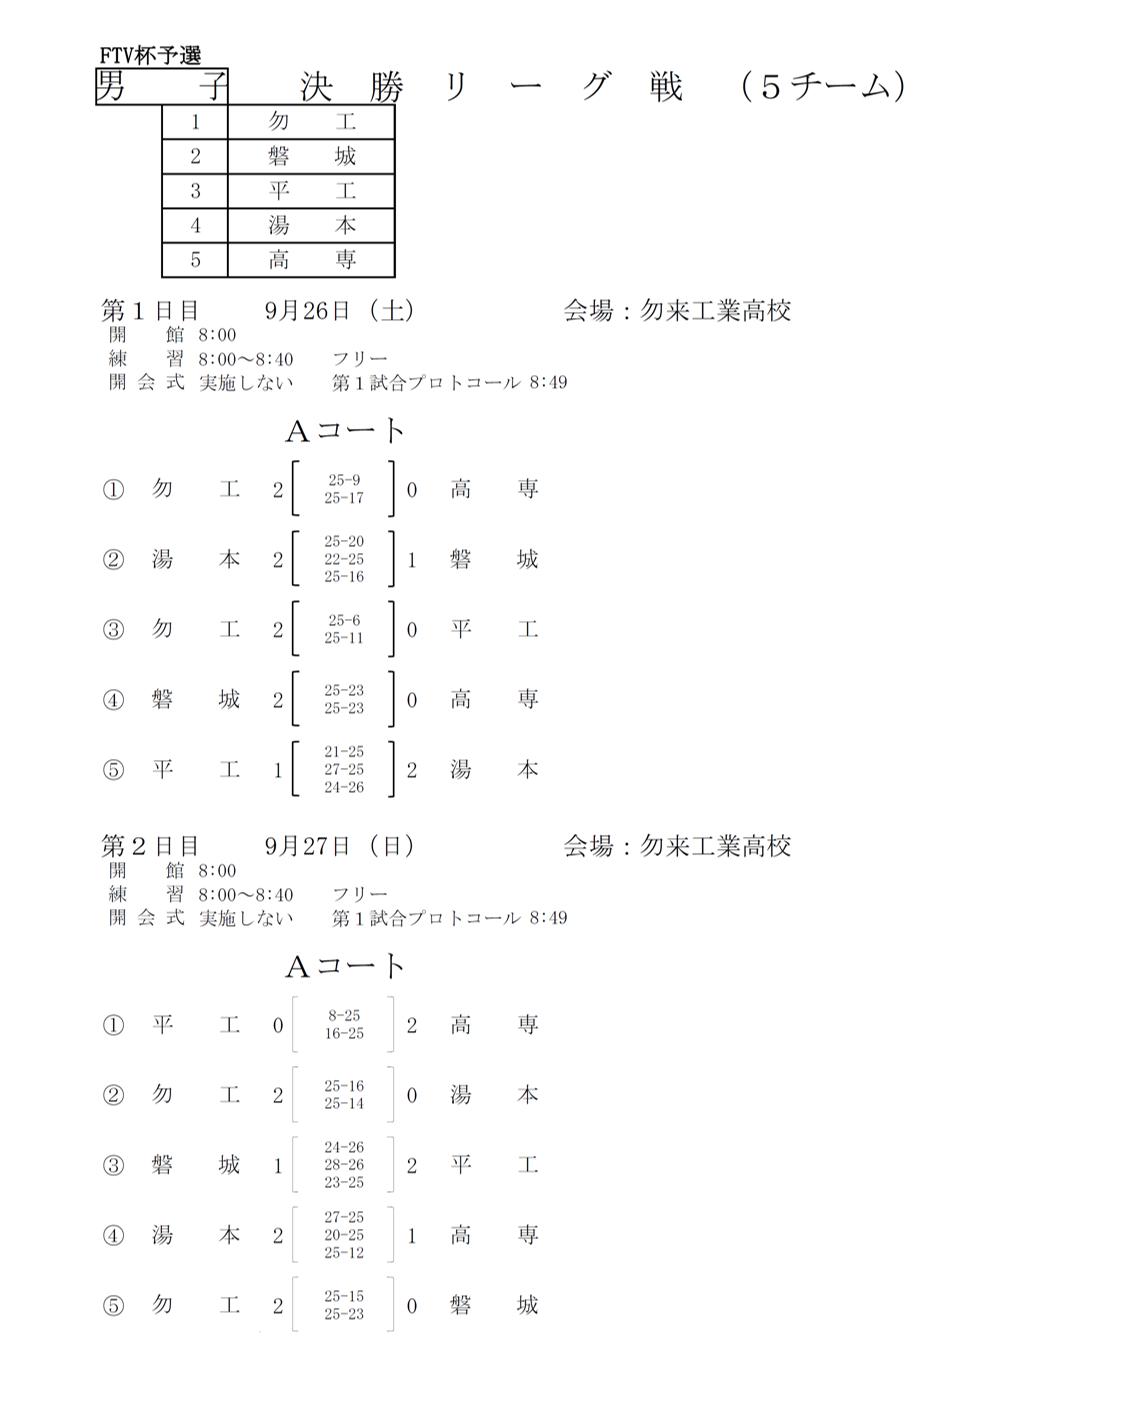 2020年度_全日本高校選手権_福島予選_いわき地区_男子_結果1